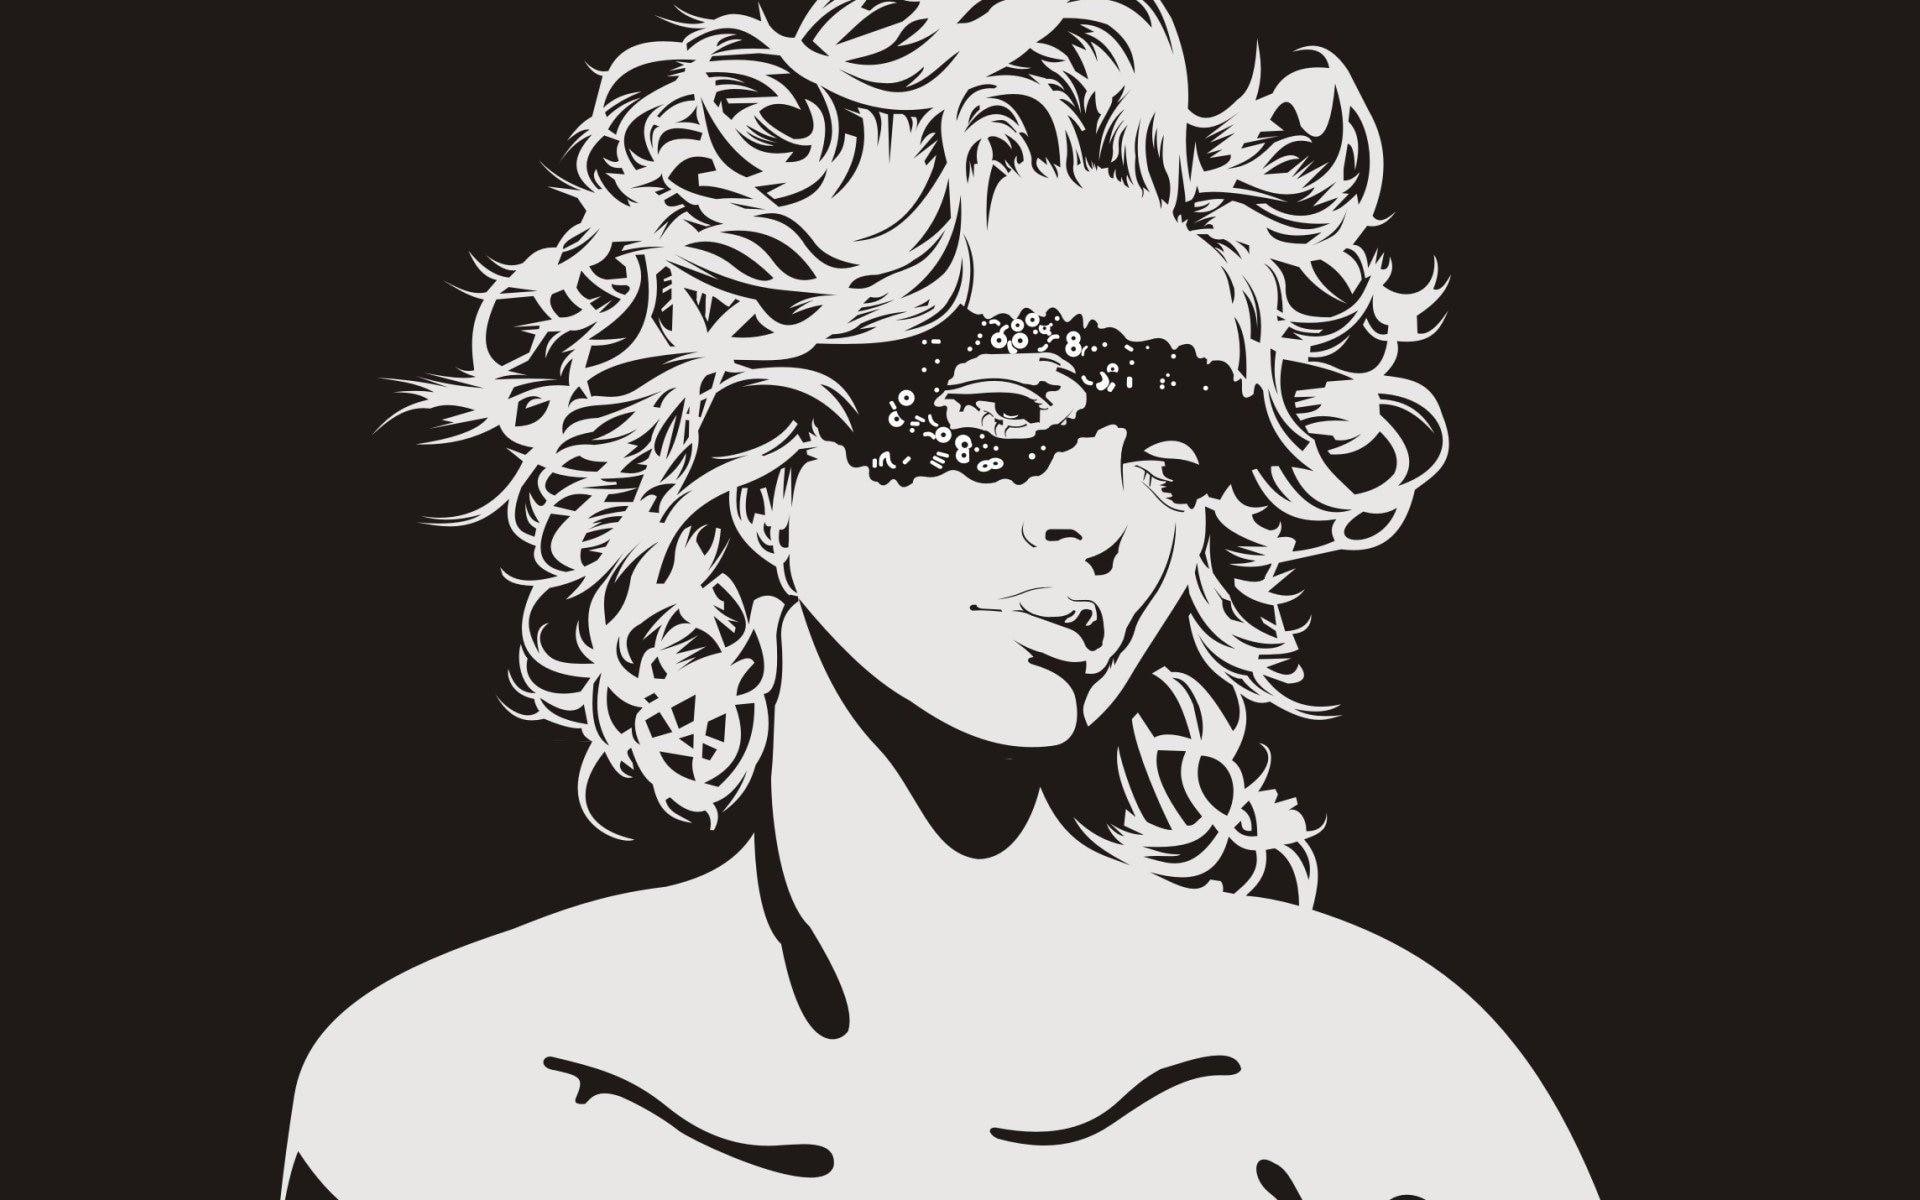 Девушка Маска вектор Монохромный черный белый гостиная Главная Wall Art декор деревянной раме ткань плакаты